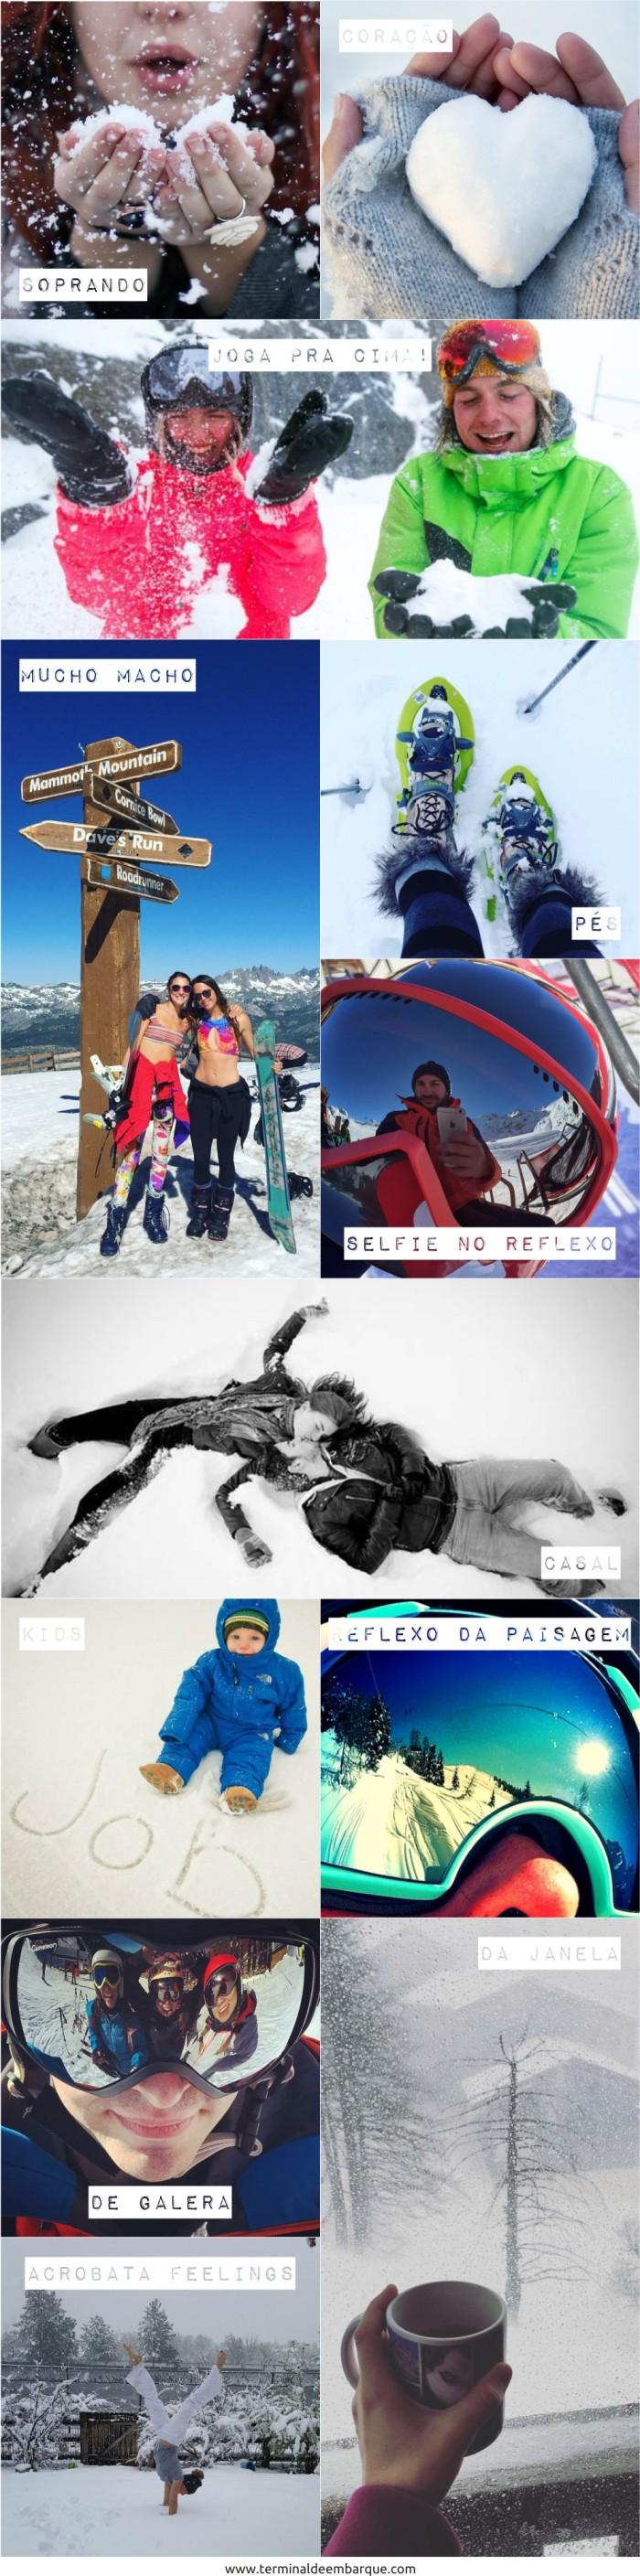 Ideias fotos neve